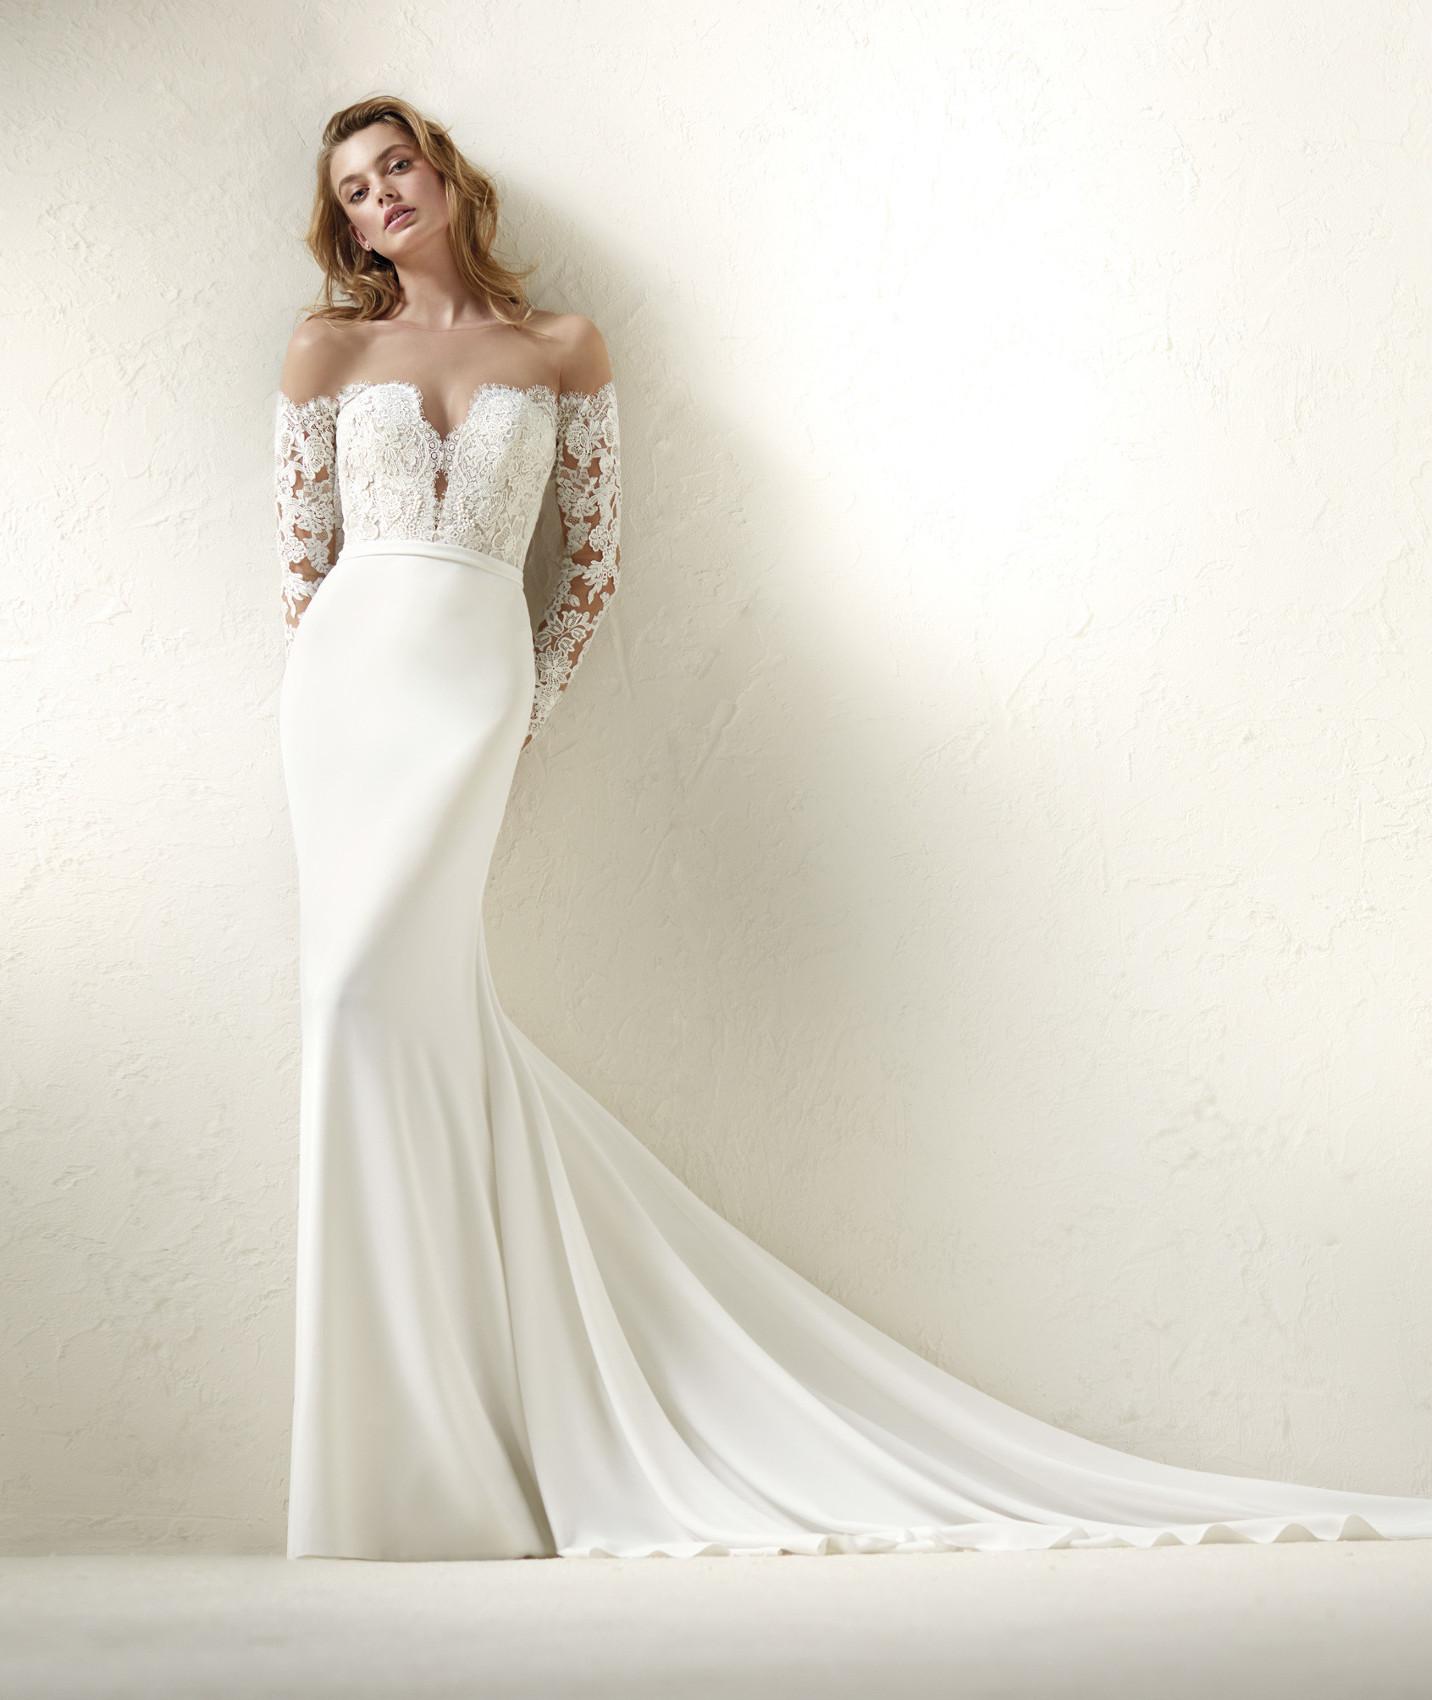 Dracma cвадебные платья